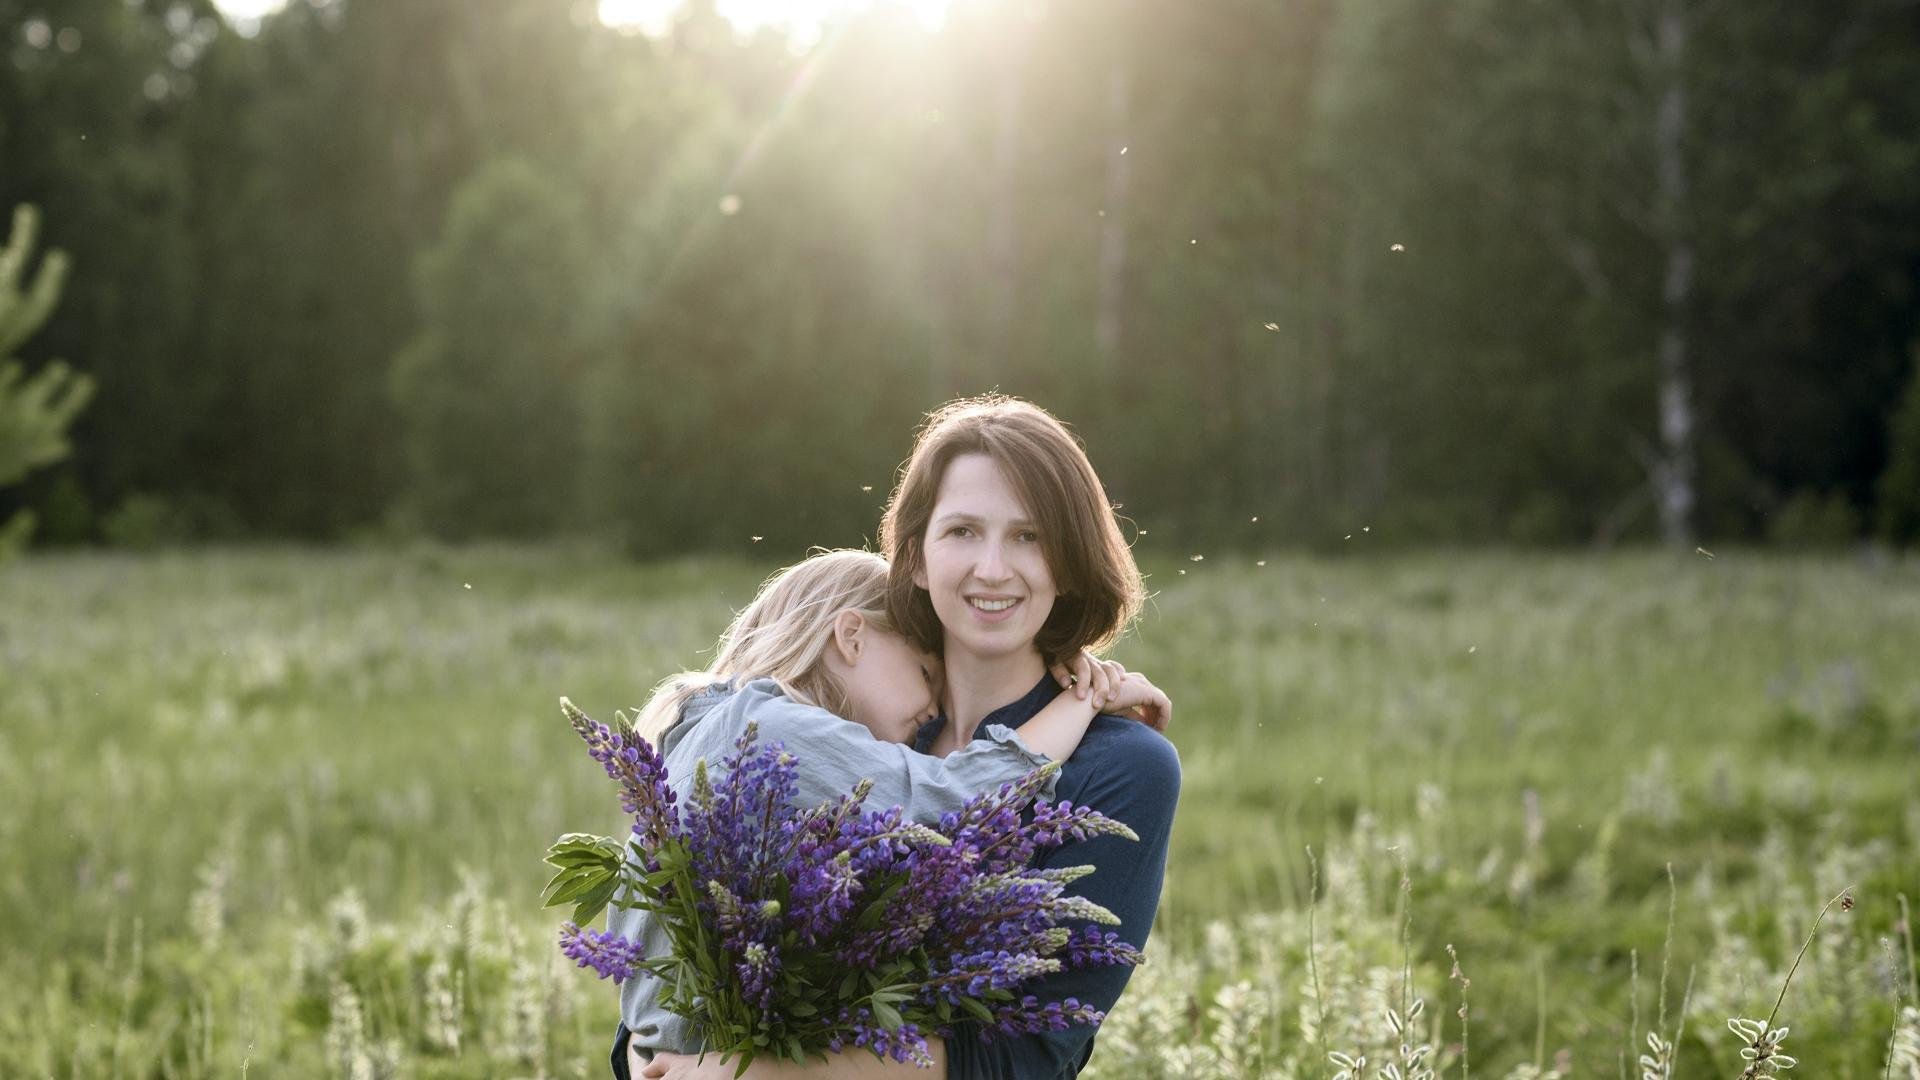 Mutter mit ihrer Tochter und Blumenstrauß